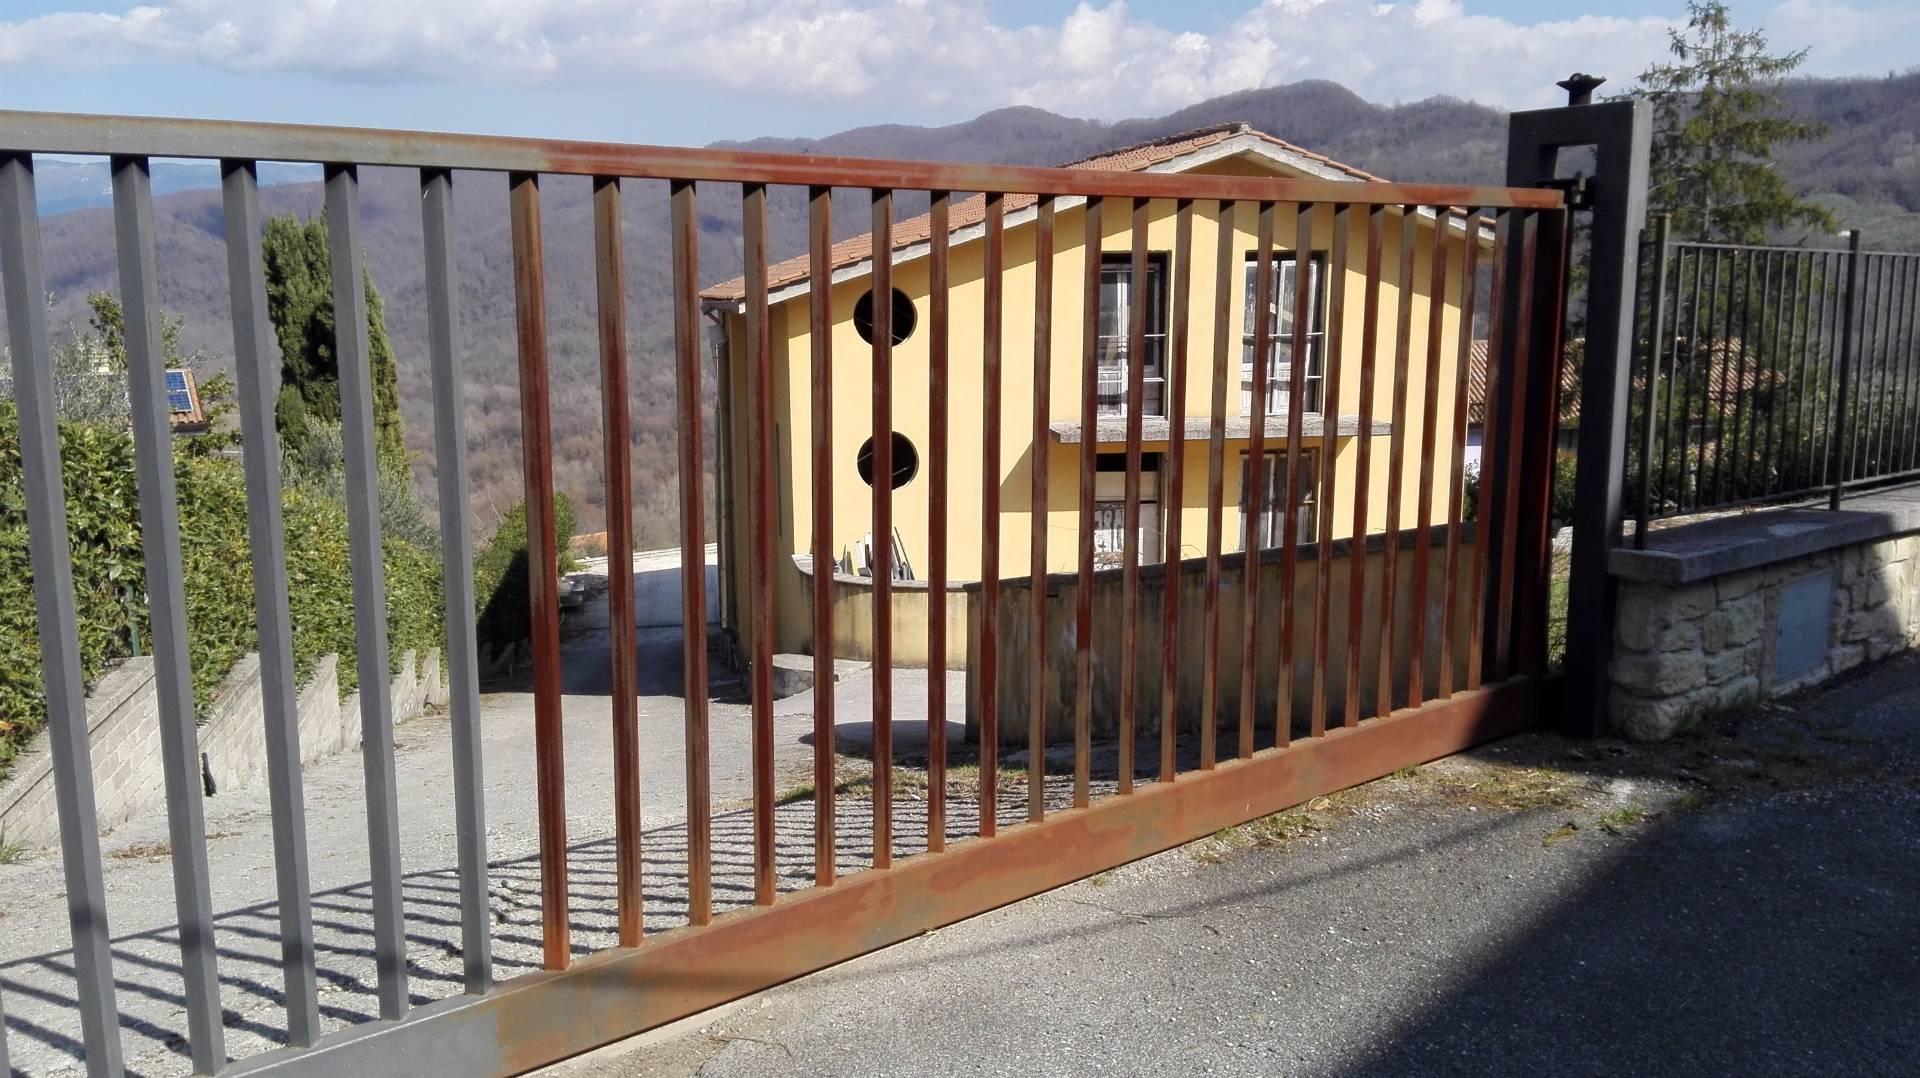 Appartamento in vendita a Pisoniano, 9 locali, prezzo € 160.000 | Cambio Casa.it